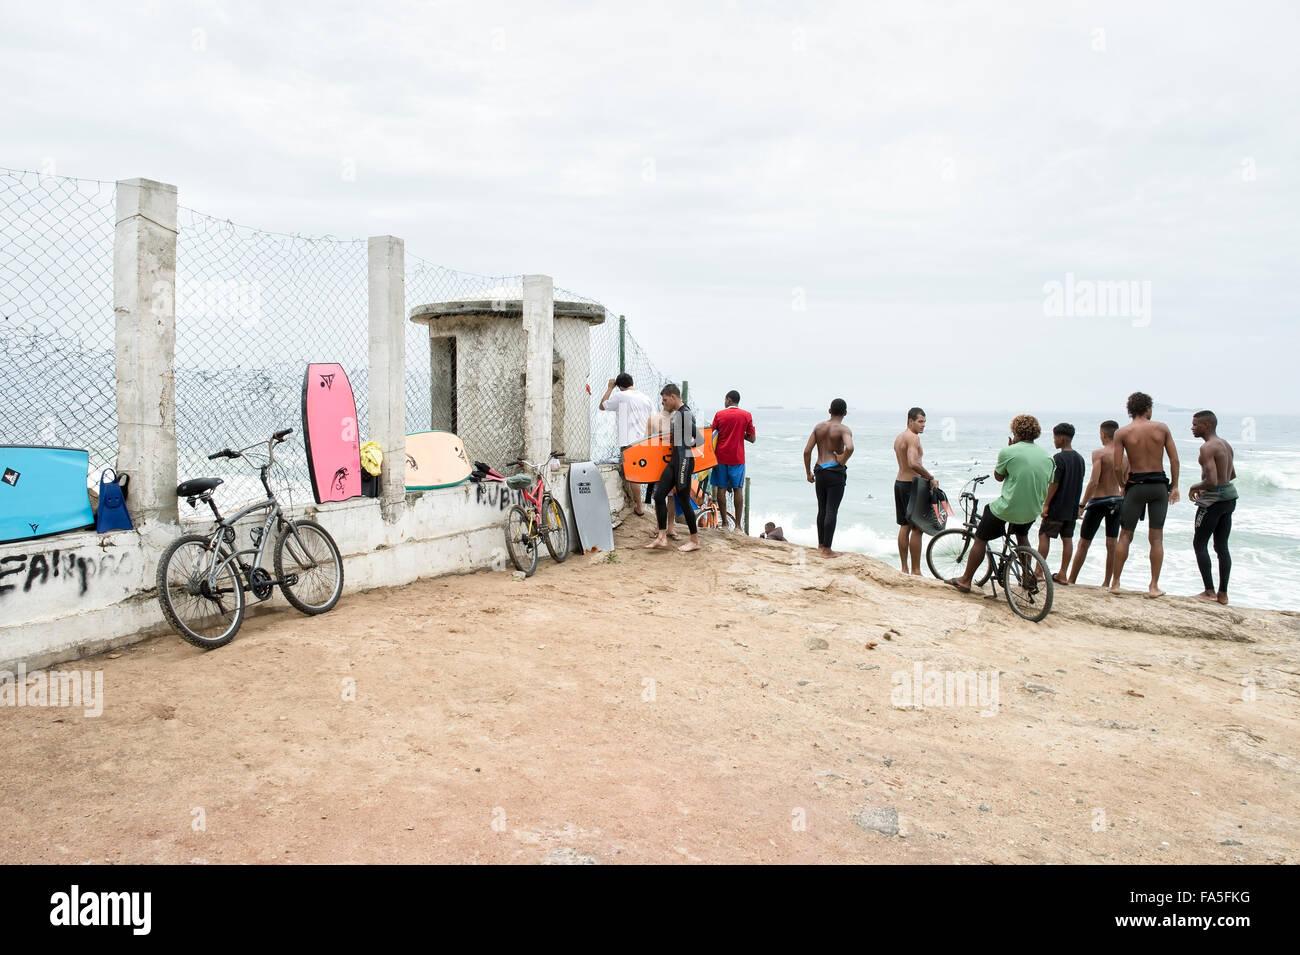 RIO DE JANEIRO, Brasilien - 22. Oktober 2015: Junge brasilianische Surfer stehen ankommenden Wellen am Strand des Stockbild